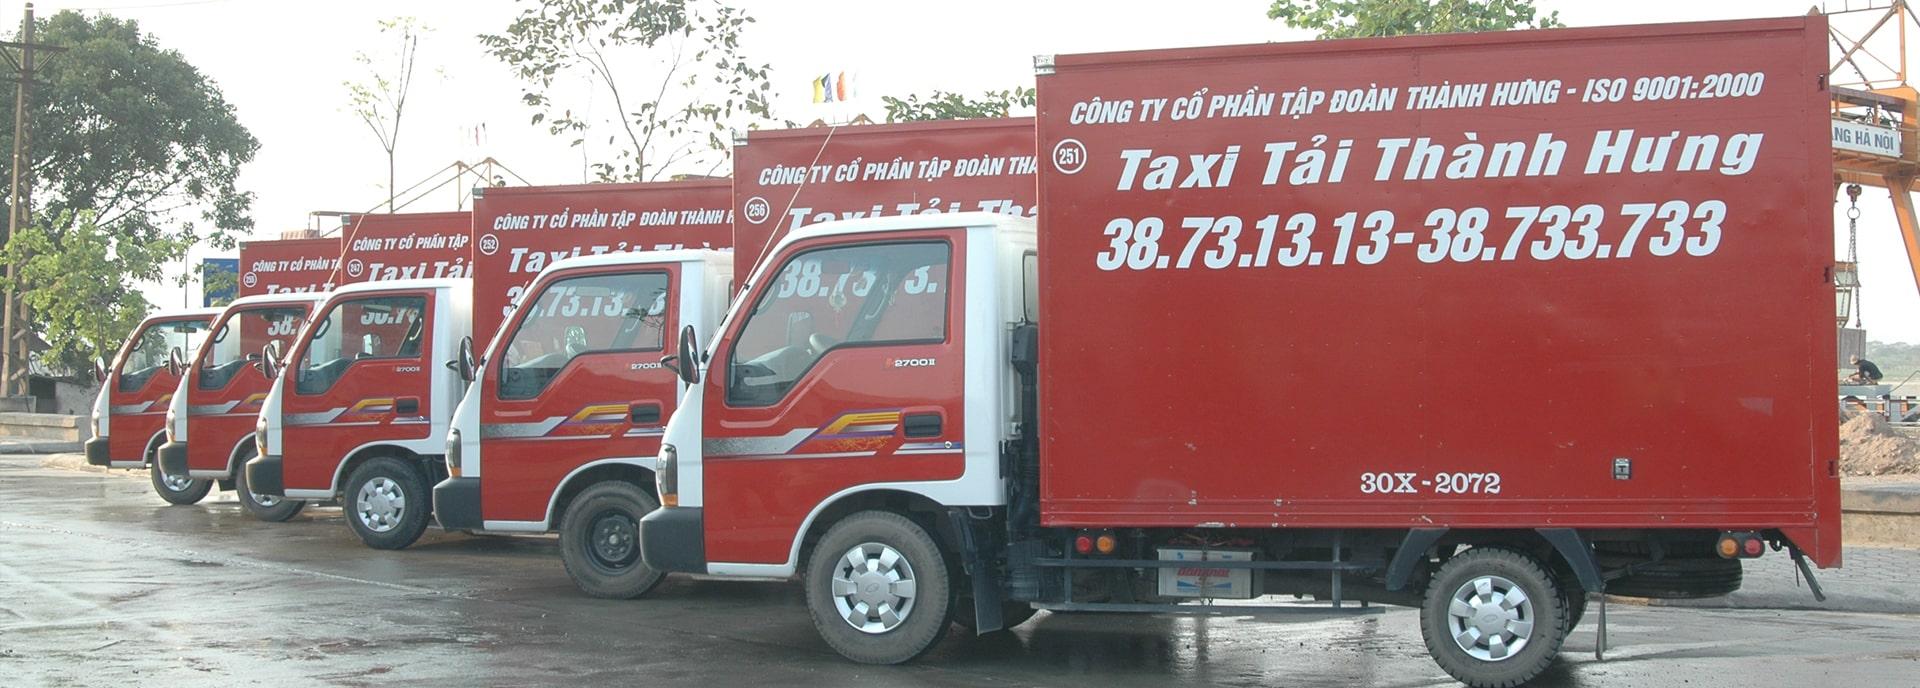 Hãng Taxi Tải Thành Hưng - Hãng taxi tải chuyển nhà, văn phòng uy tín số 1 Việt Nam